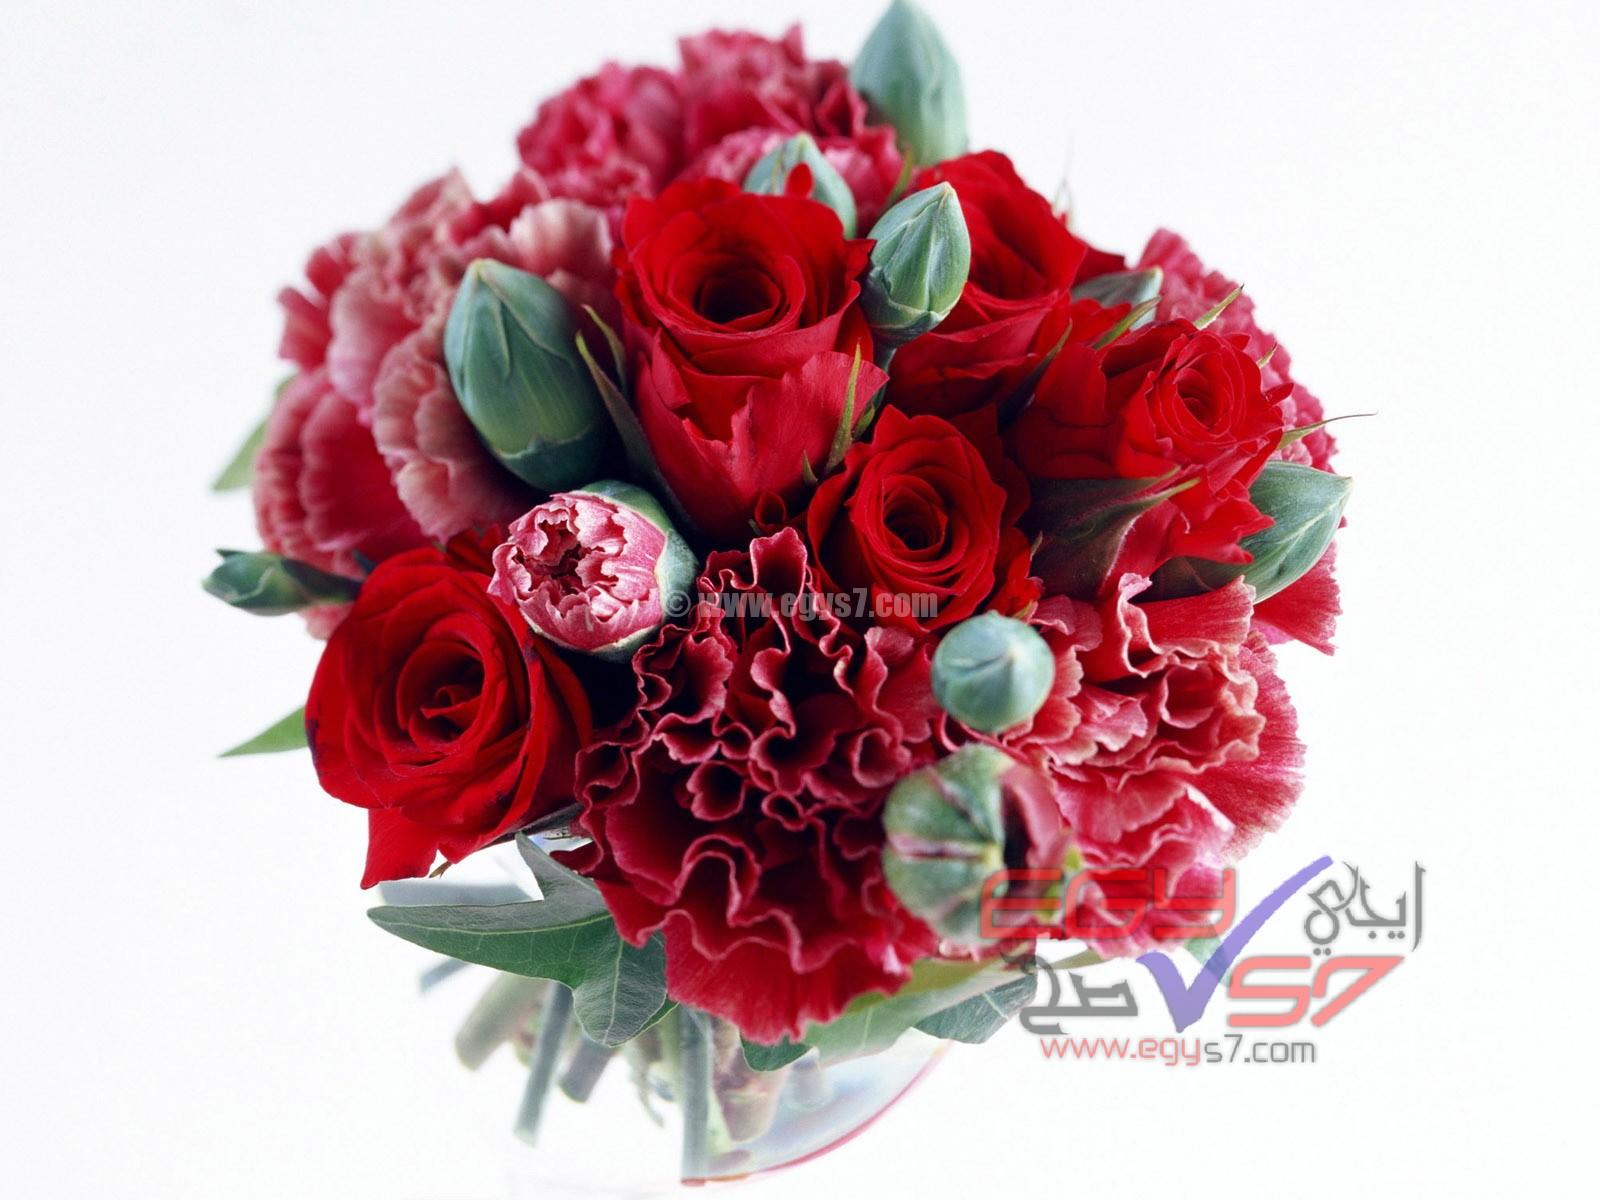 بالصور اجمل صور خلفيات لزهور الورد 20160712 498